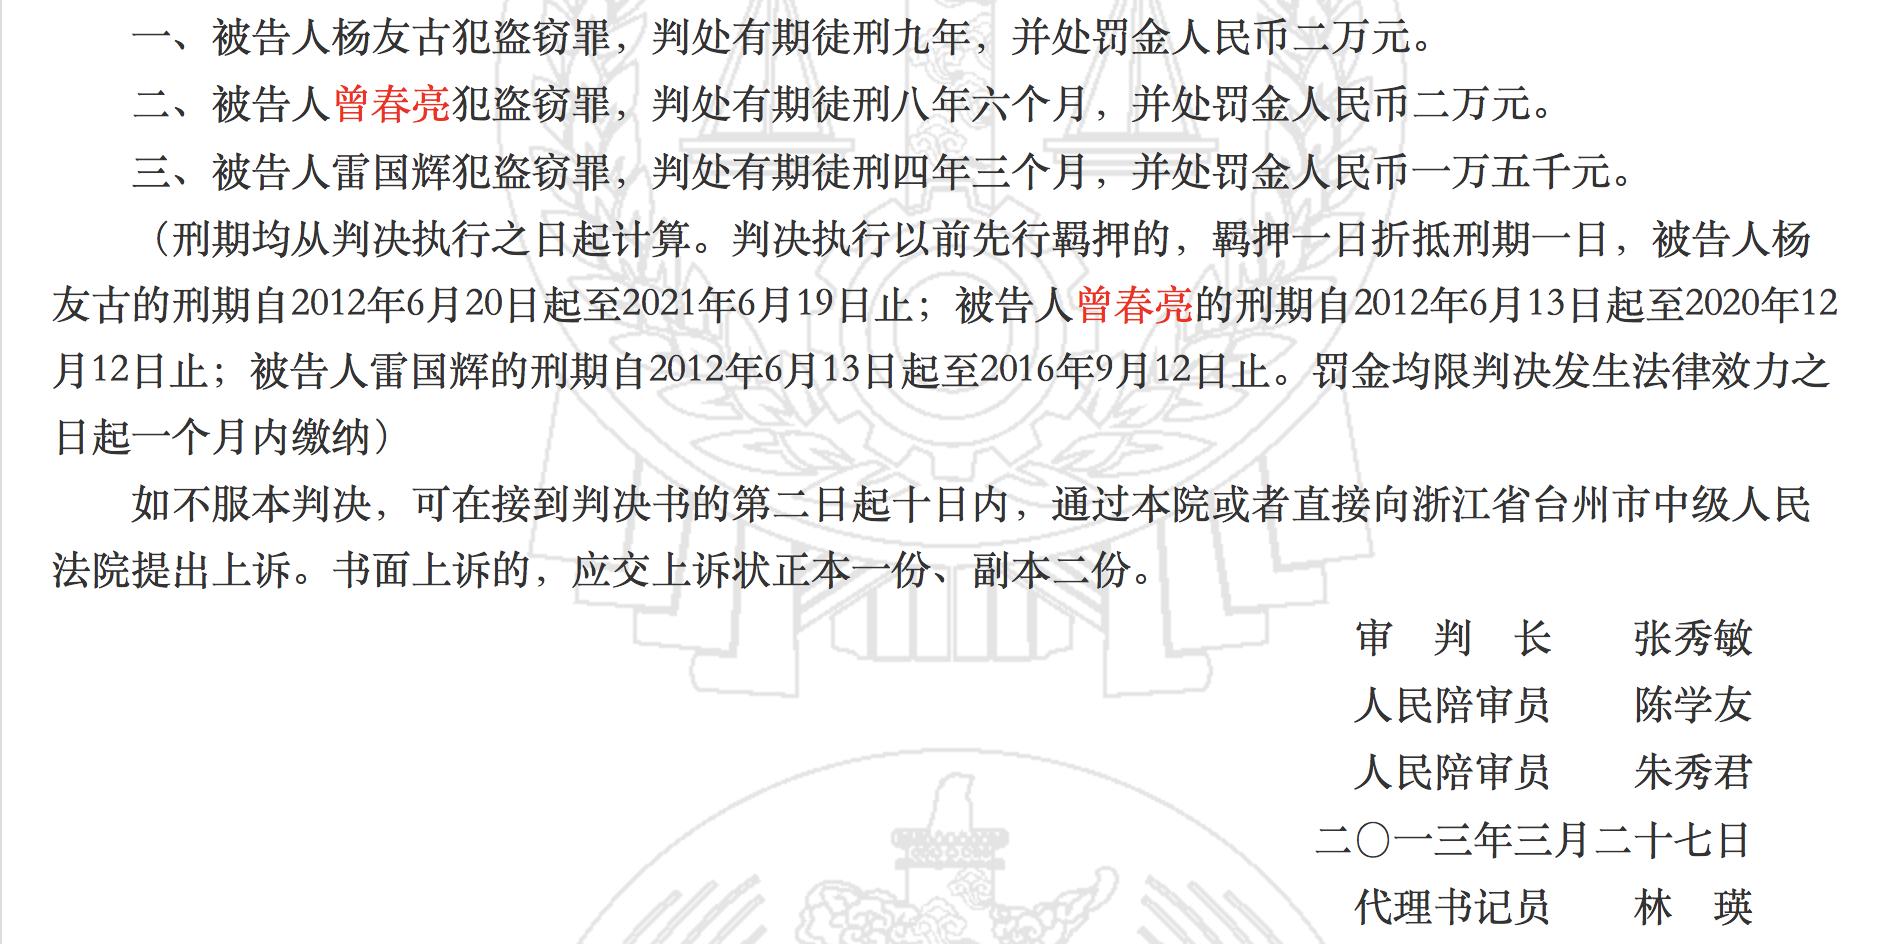 江西乐安在逃杀人嫌犯曾两次入狱,7岁伤者尚未脱离生命危险